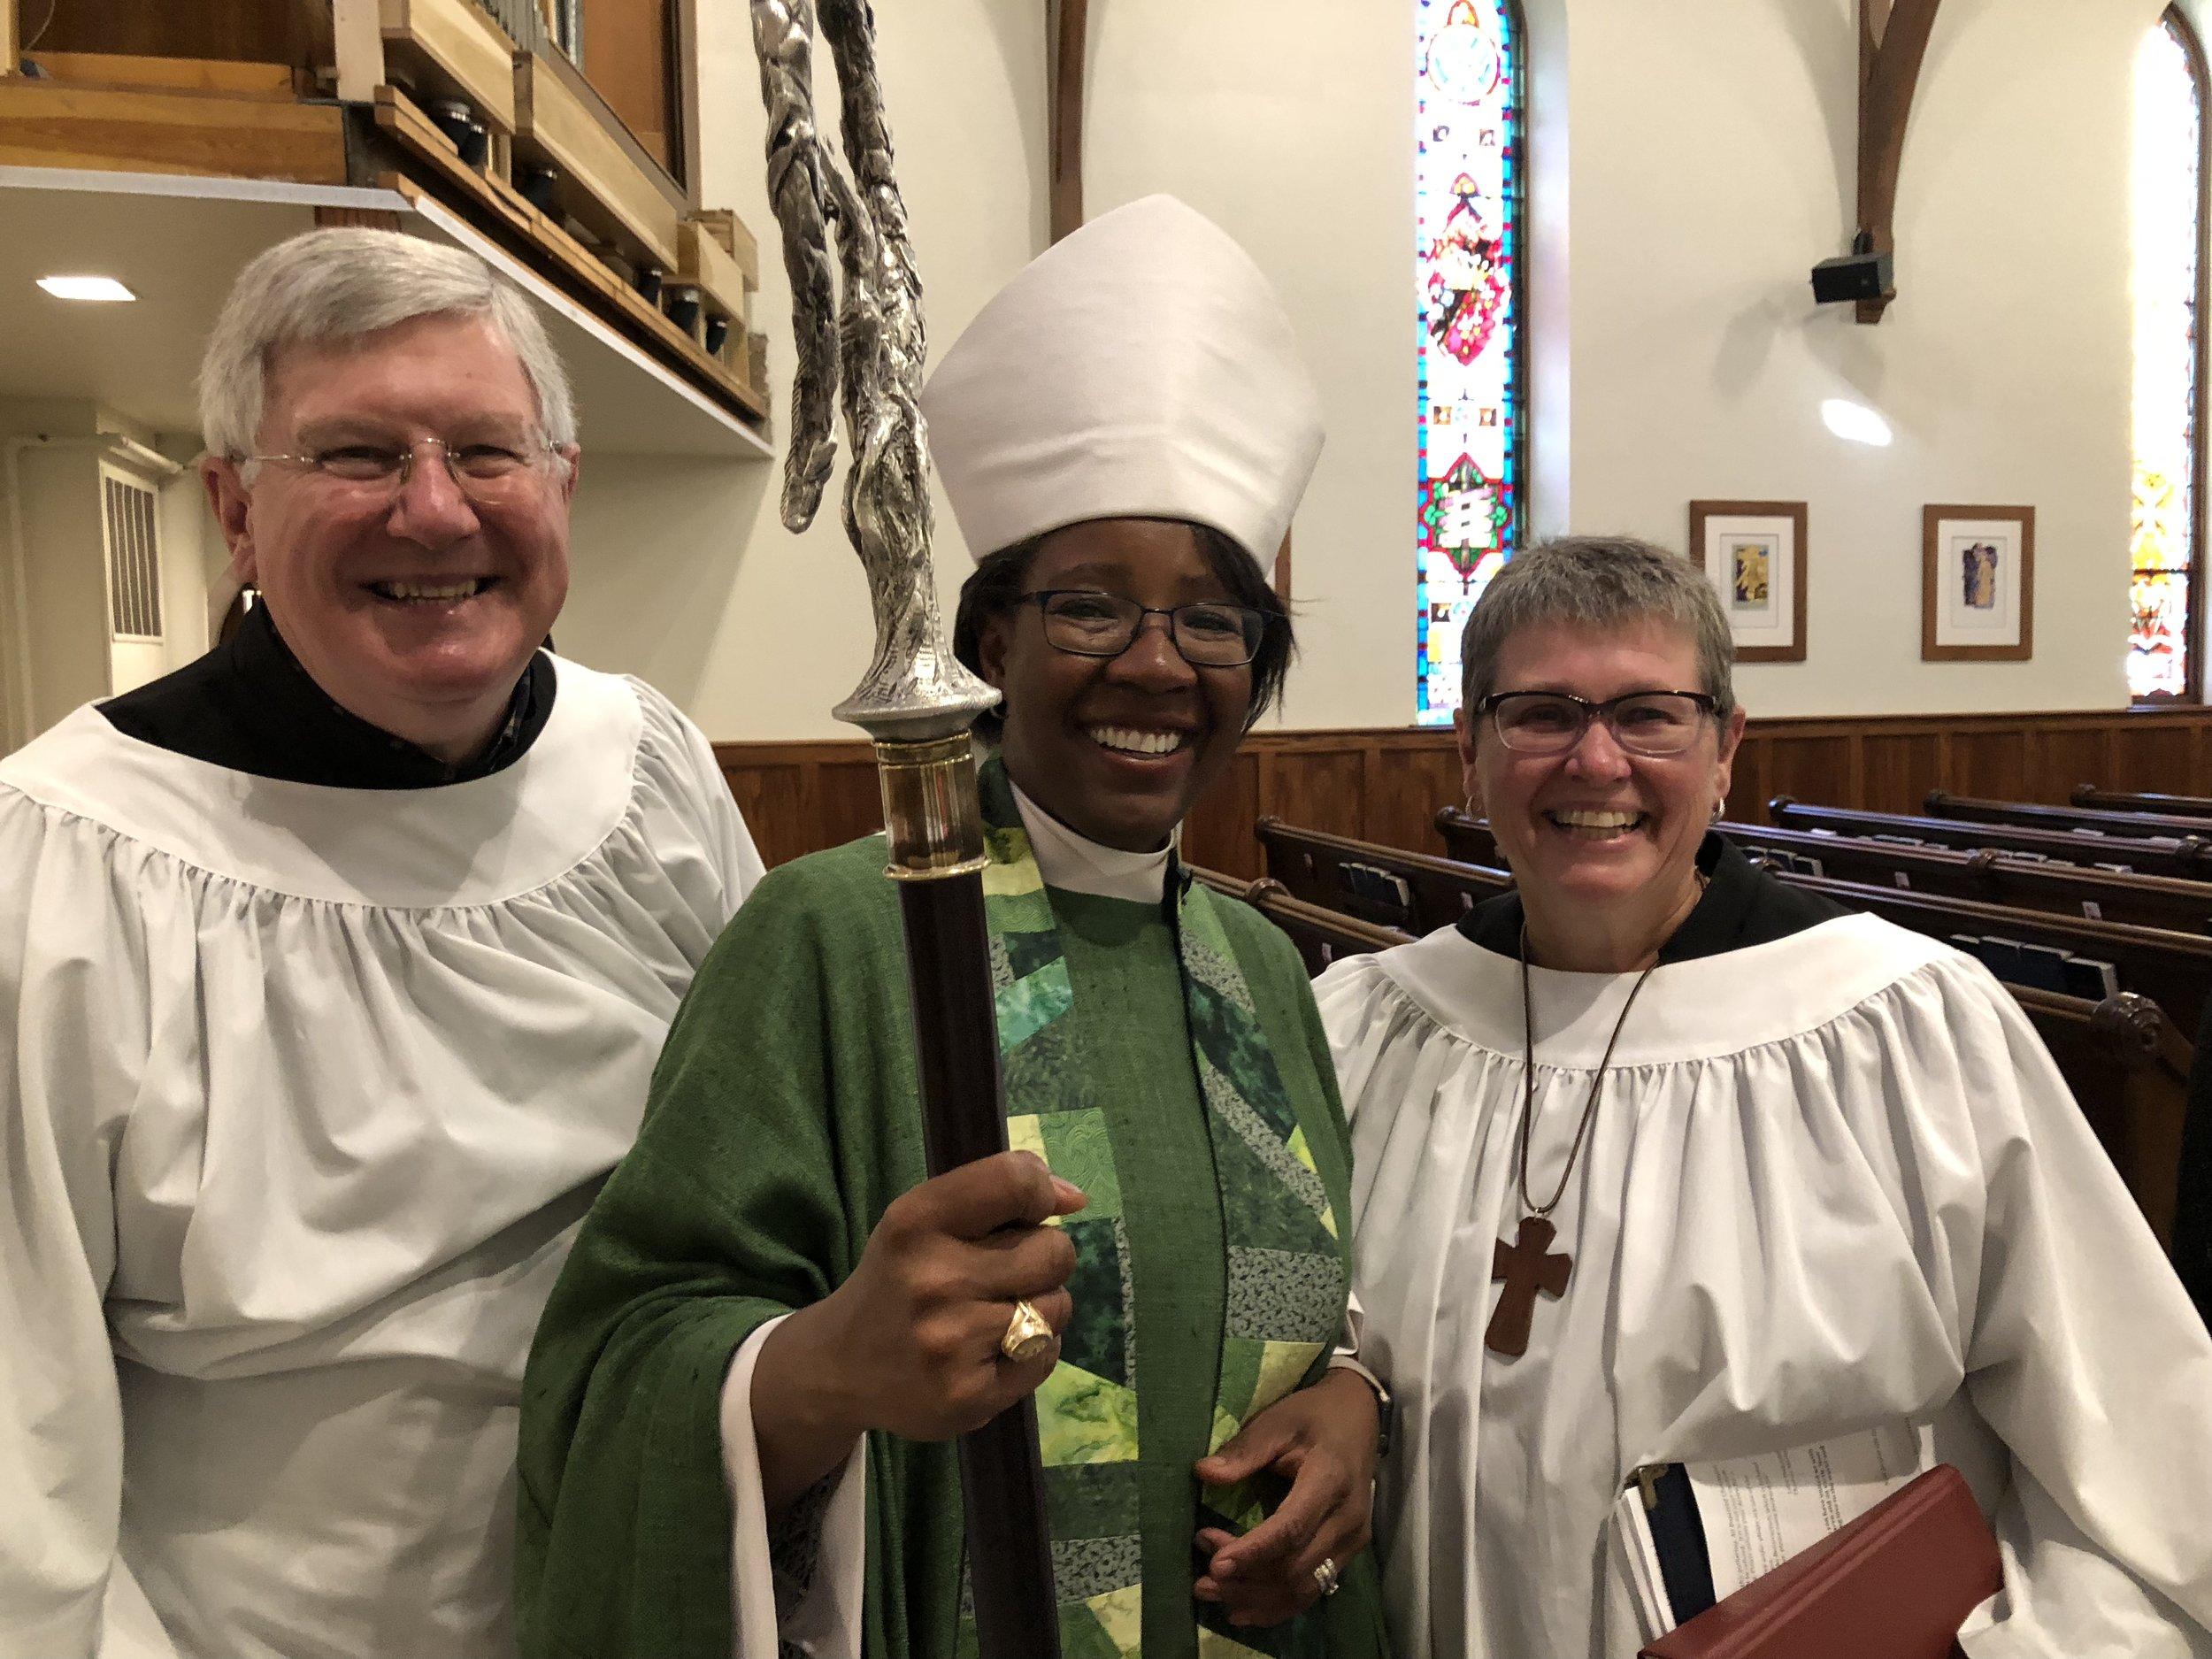 Bill McInerney, Bishop Jennifer Baskerville-Burrows, and Olynn at St. John's on Sunday, October 7th, 2018.